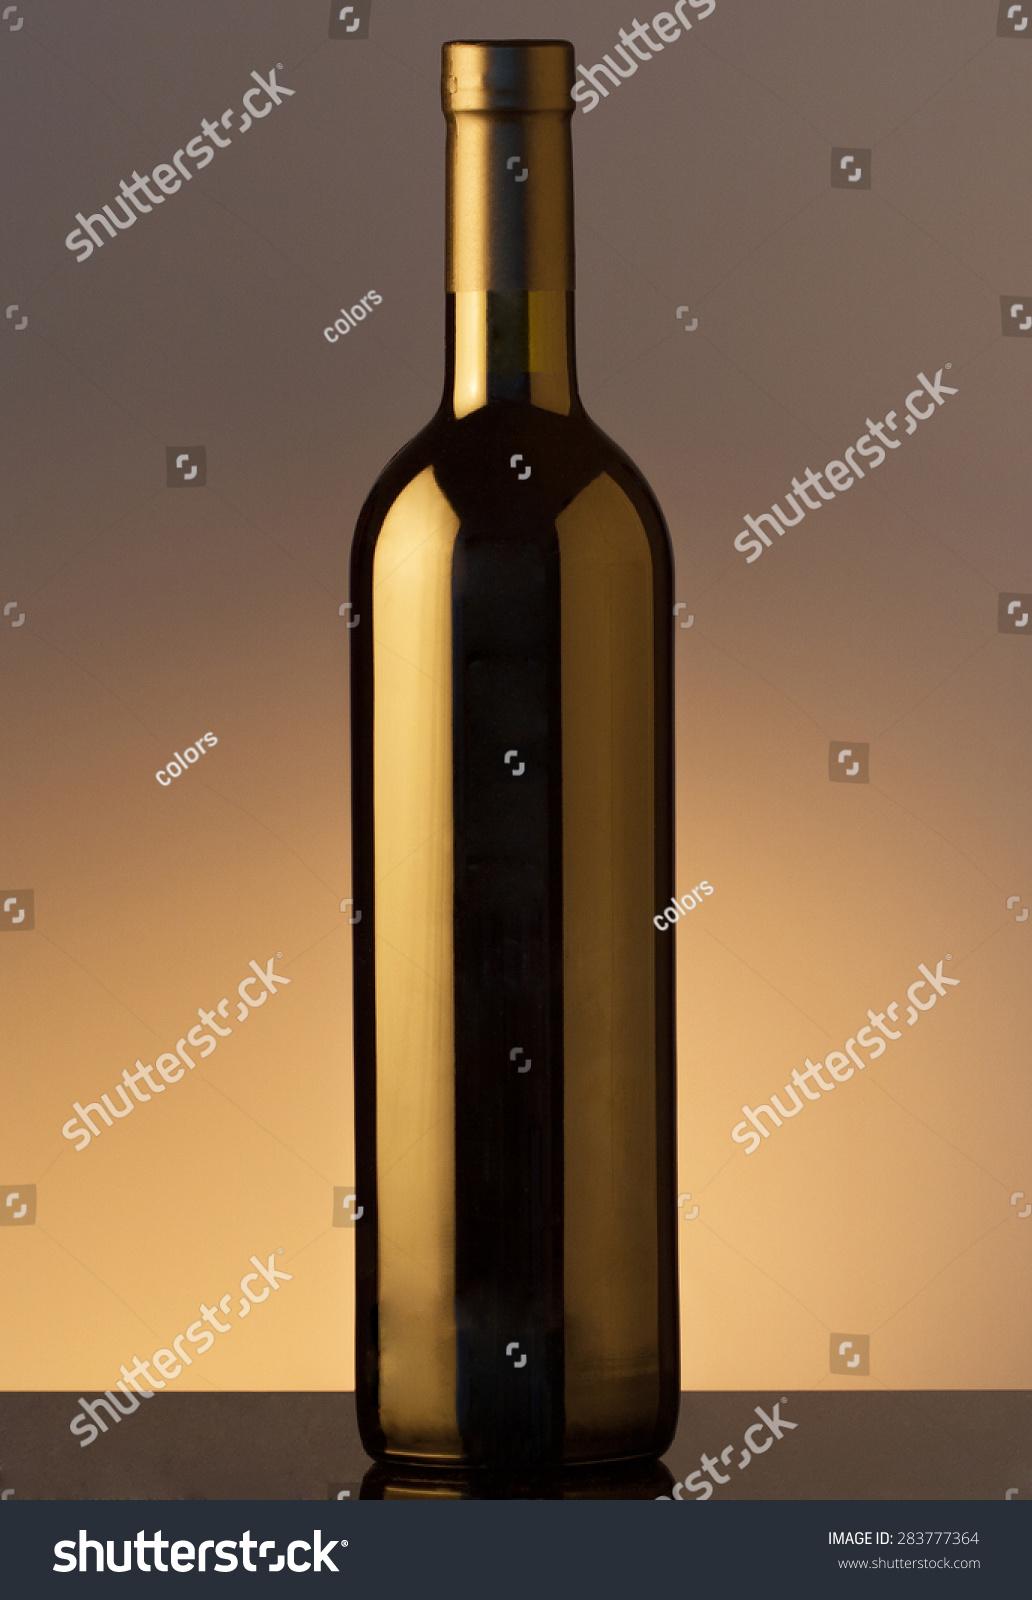 红酒瓶的背景-背景/素材,食品及饮料-海洛创意()-中国